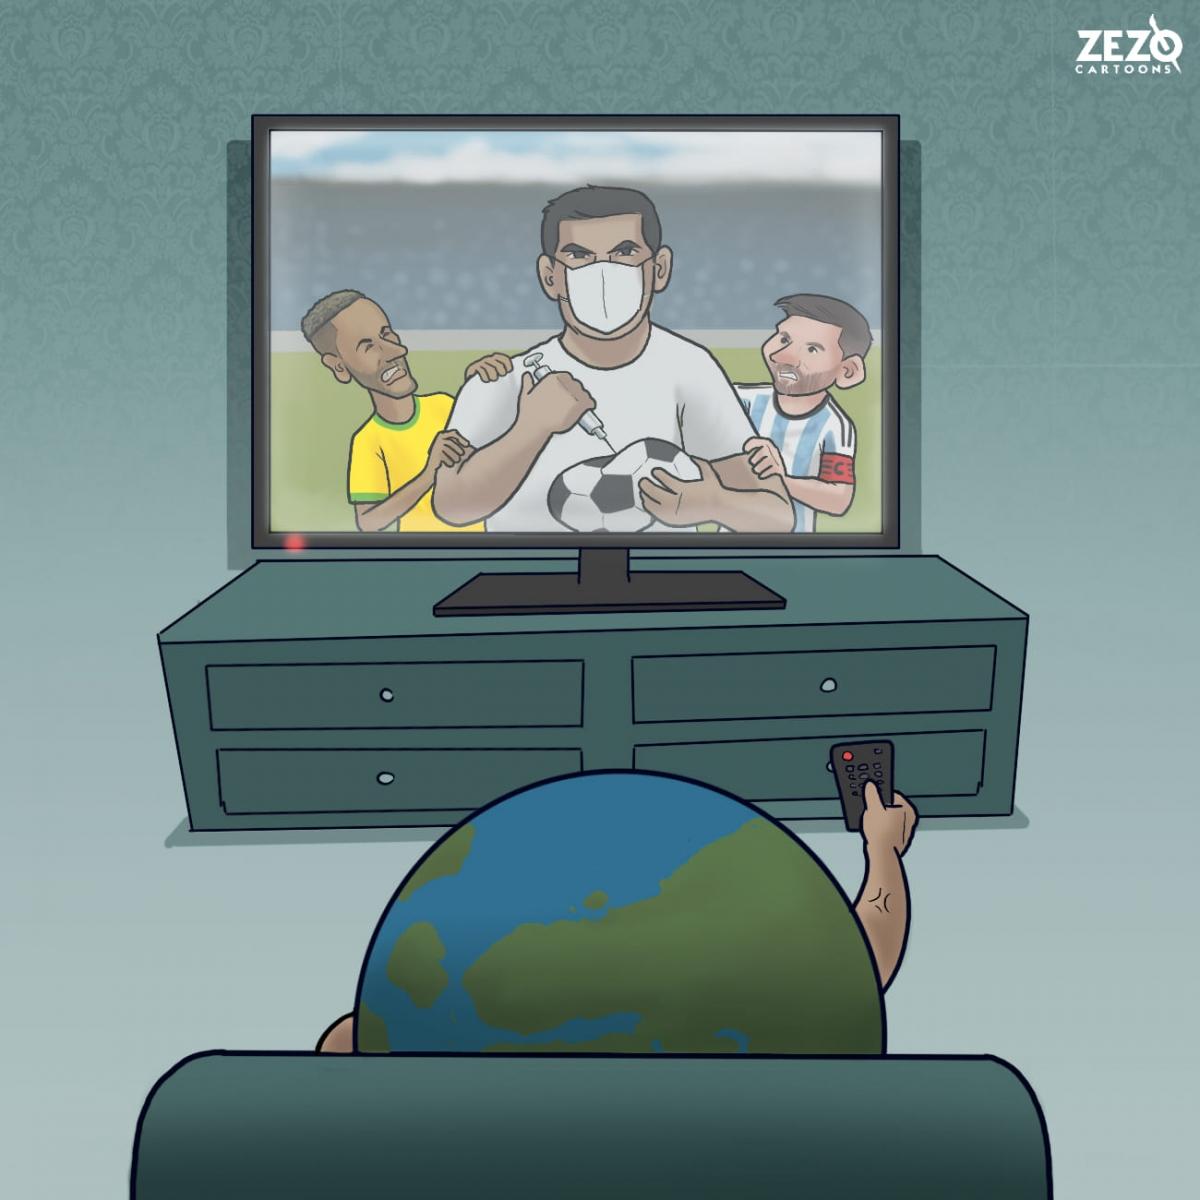 """Trận đấu Brazil - Argentina bị hoãn vì lý do """"không tưởng"""". (Ảnh: Zezo Cartoons)."""